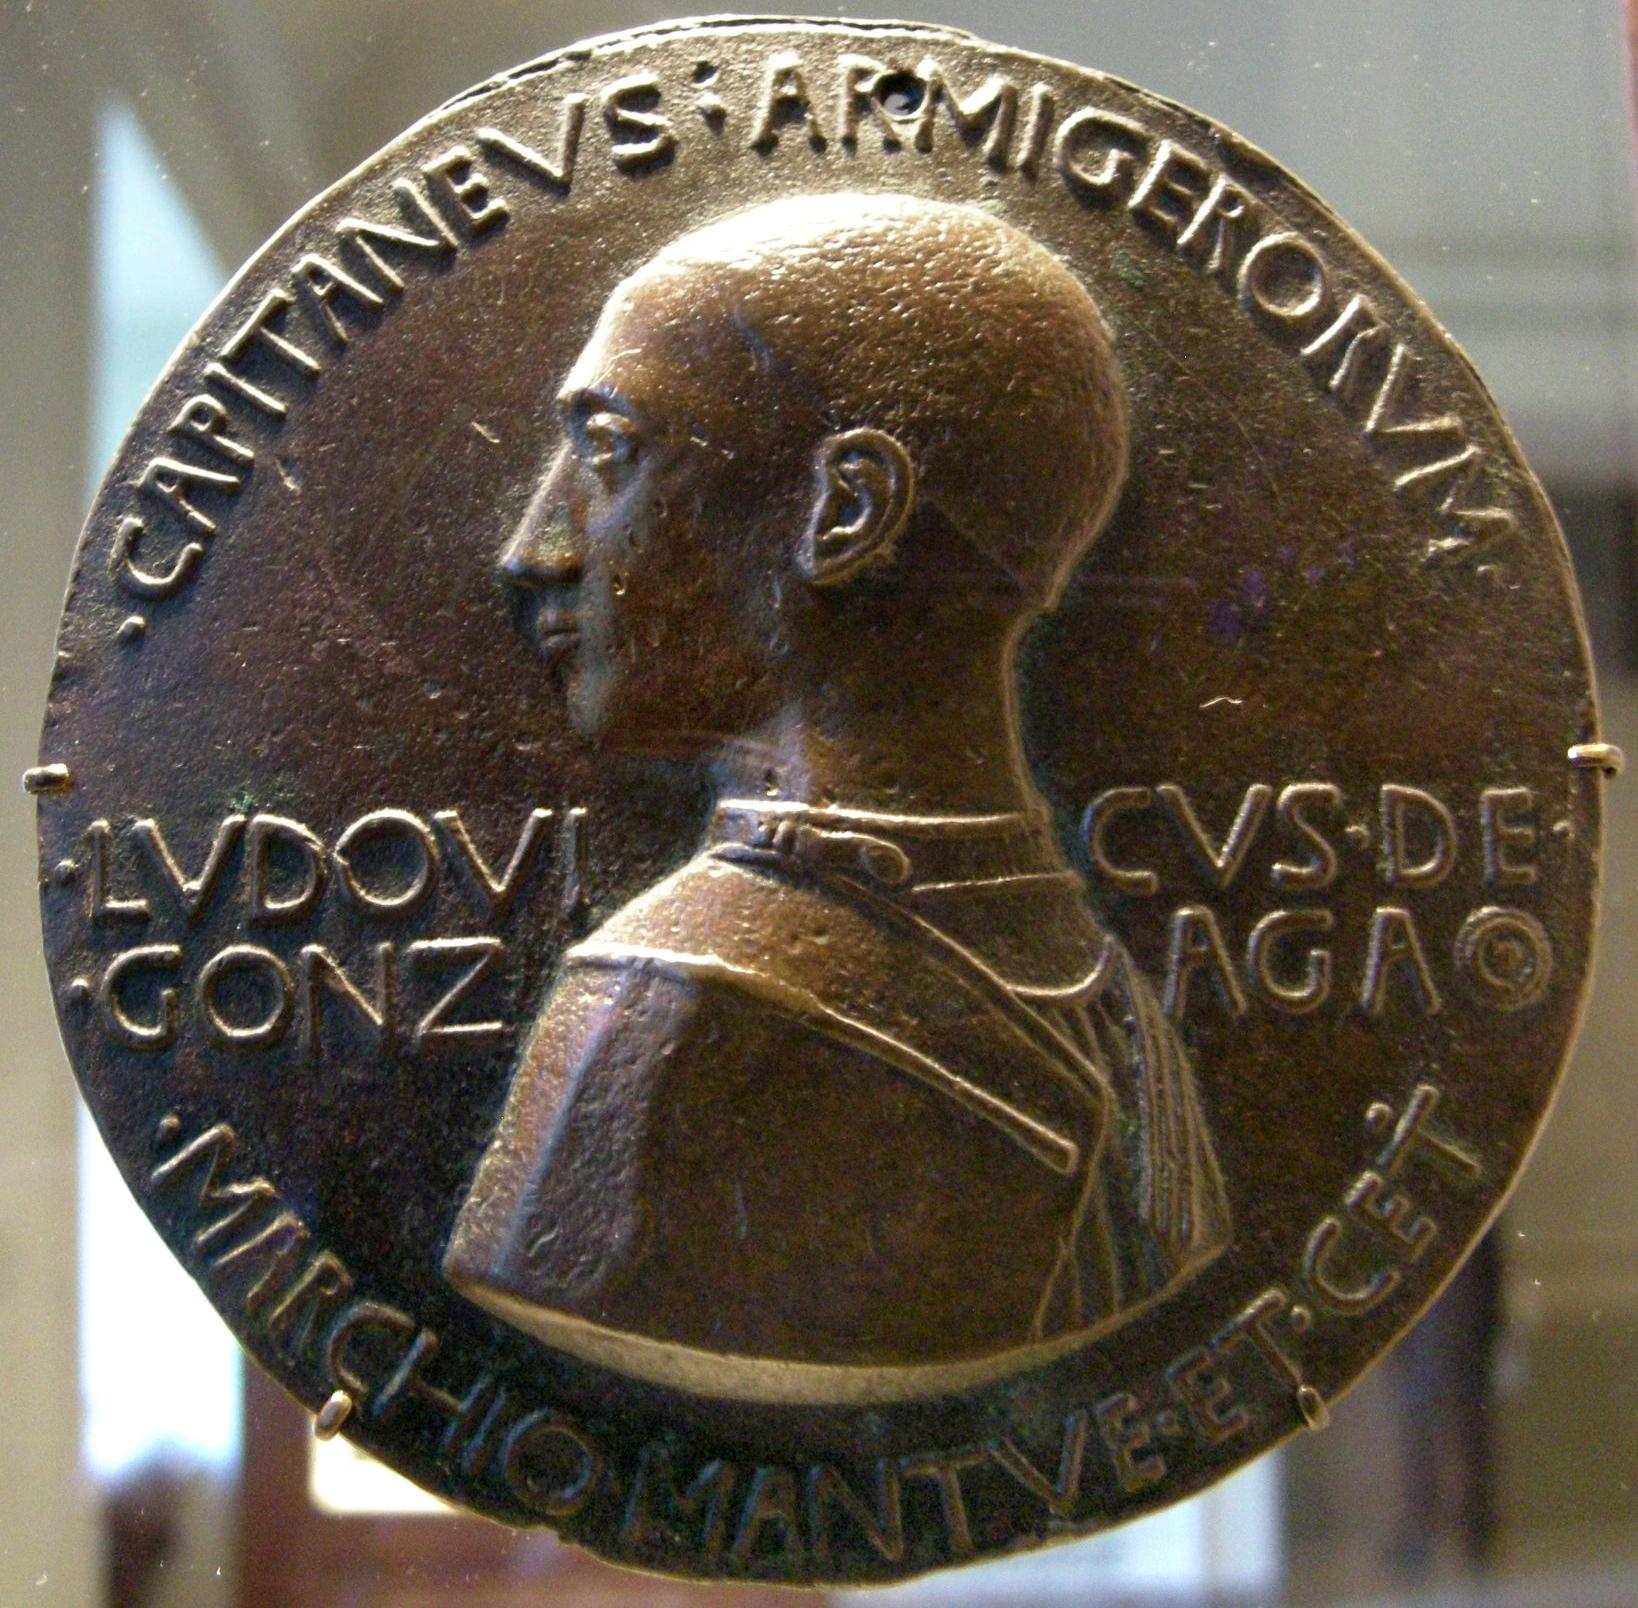 File:Pisanello, Medaglia di Ludovico III Gonzaga, 1447.JPG